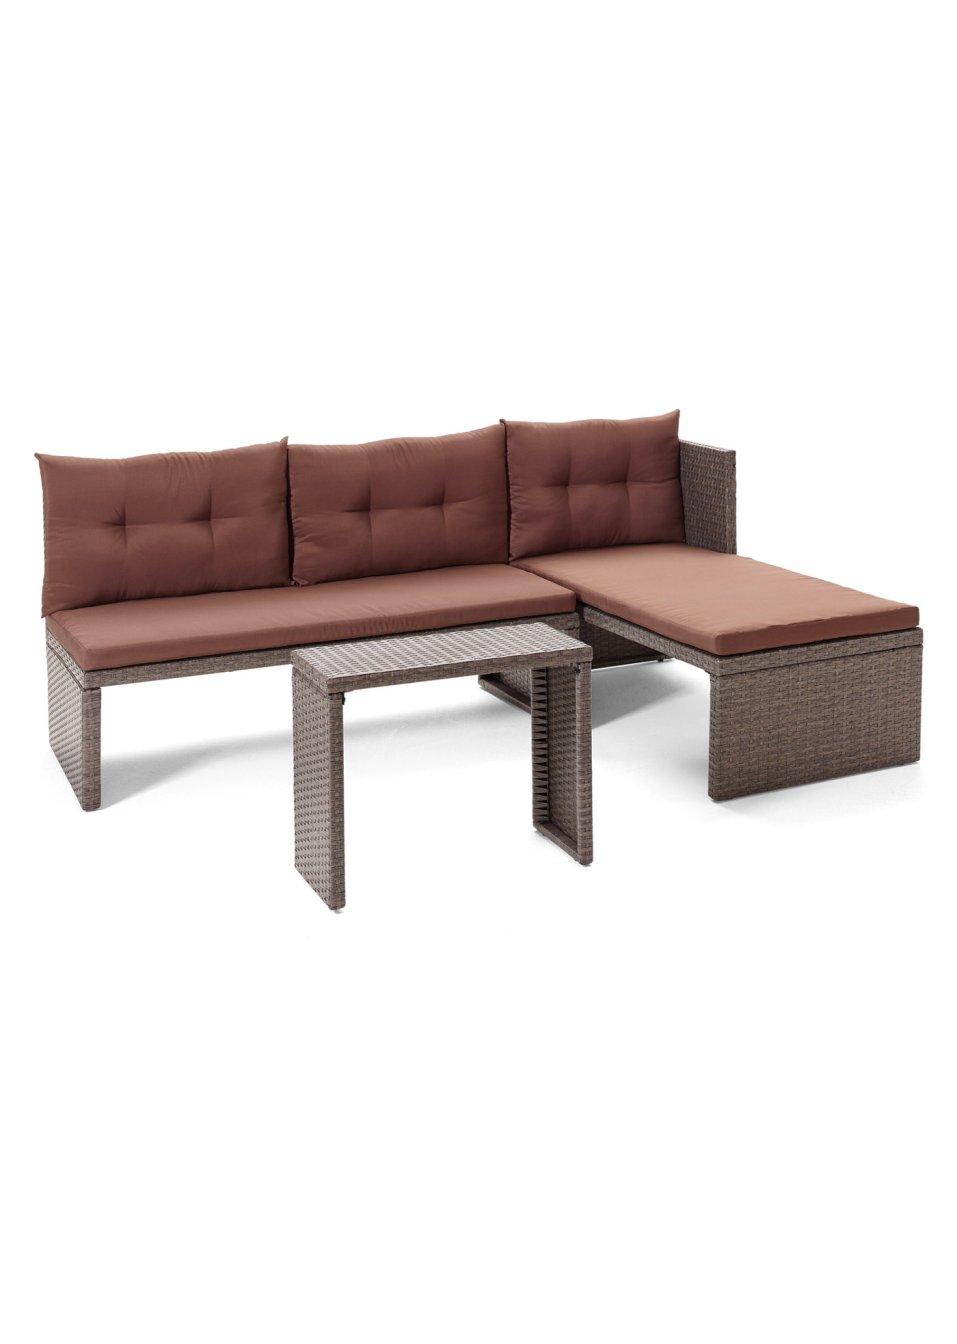 Gartenmöbel Set - aktuelle Trends für Ihre Terrasse